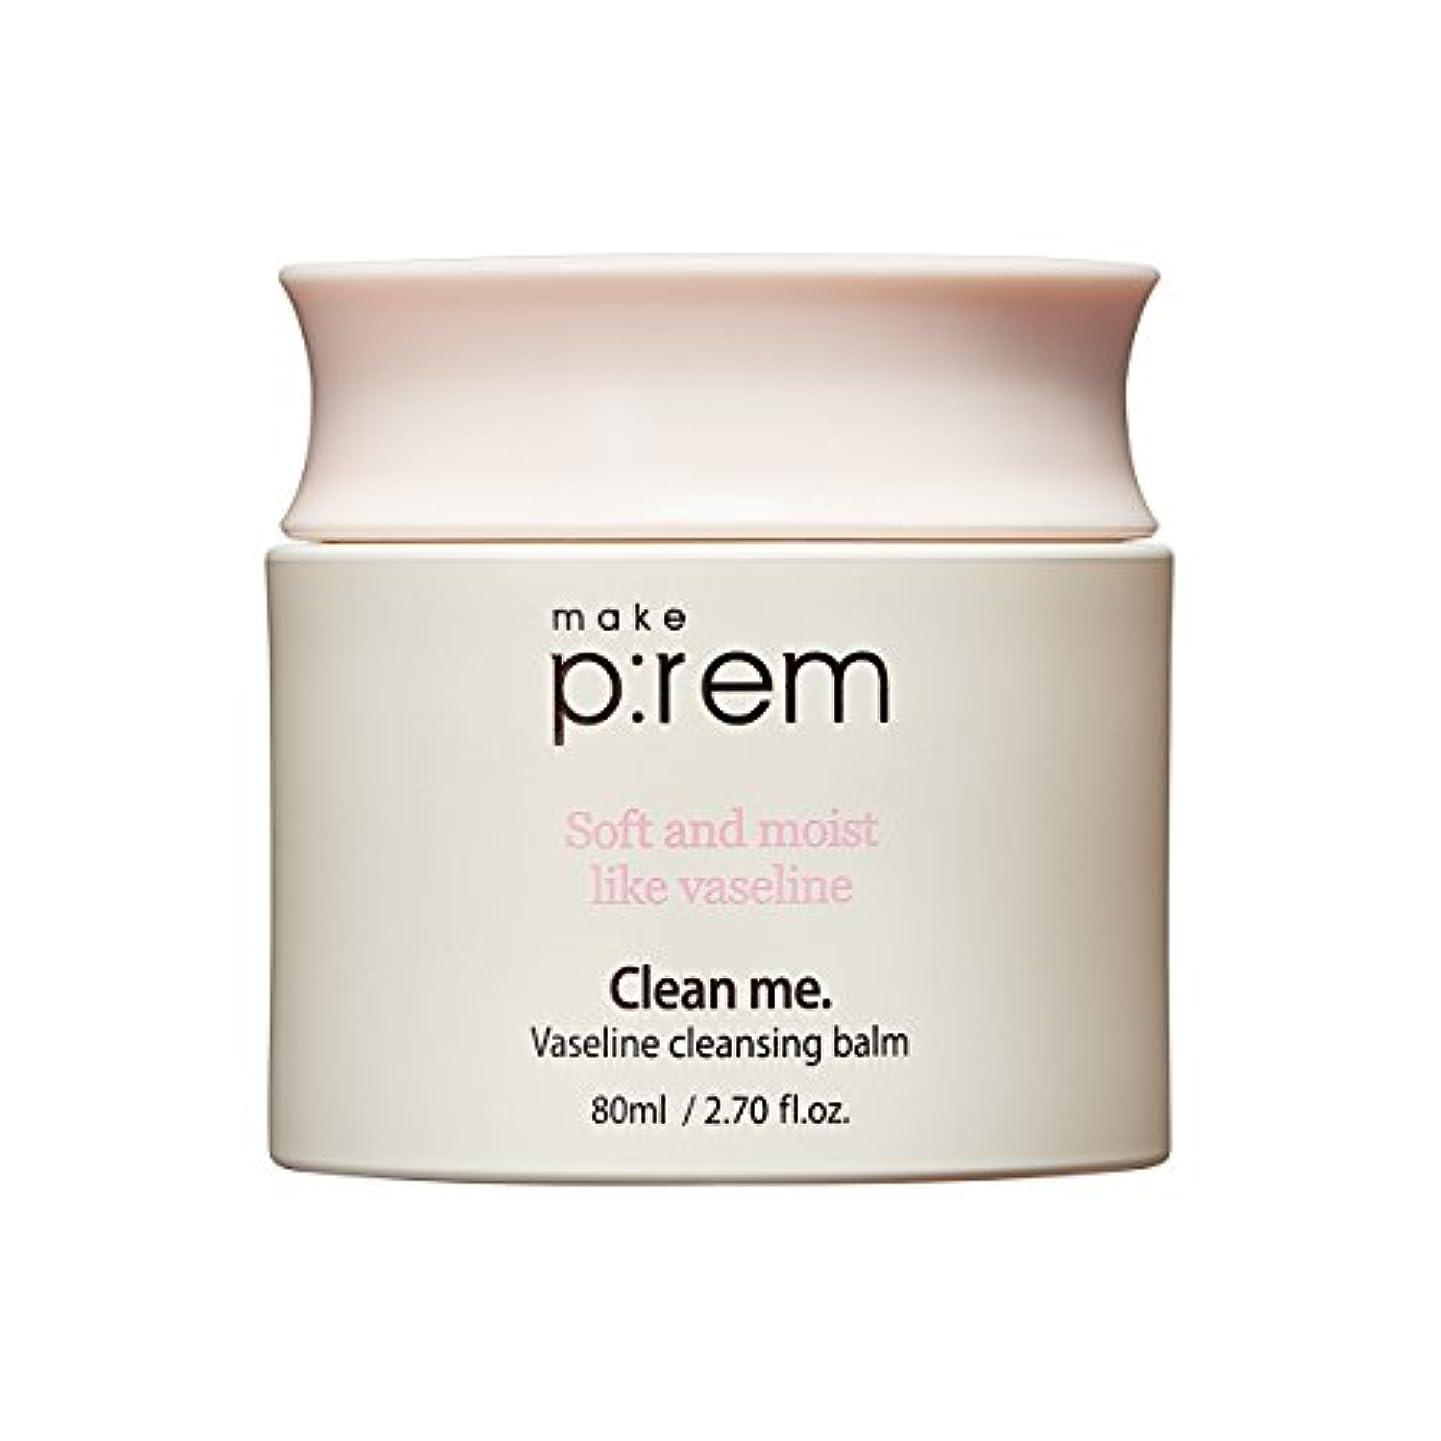 解任敵津波[MAKE P:REM] clean me ワセリン クレンジング バーム Vaseline cleansing balm 80ml / 韓国コスメ, 韓国直送品